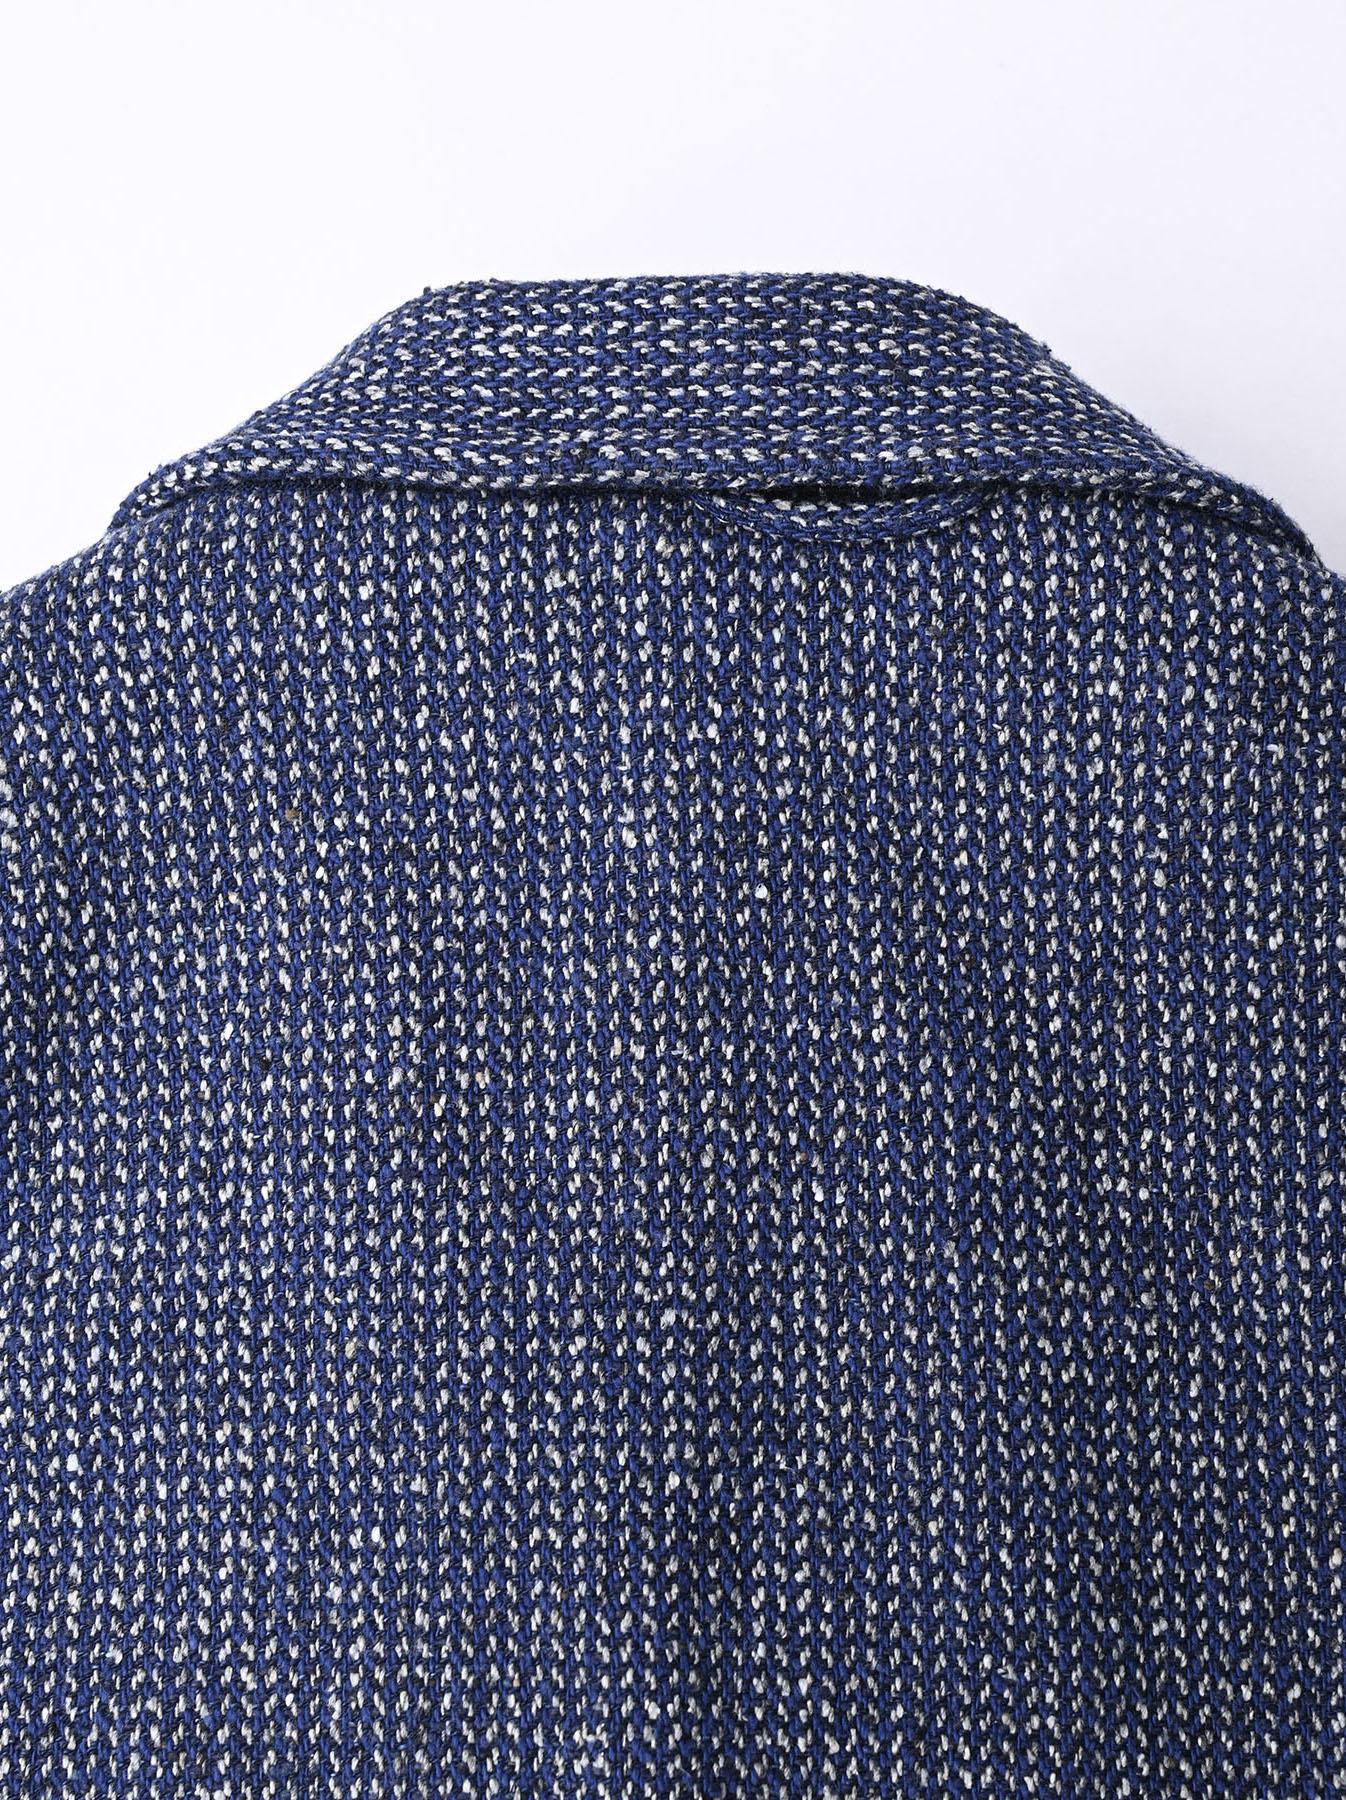 Homespun Indigo Cotton Tweed Asama Jacket-9